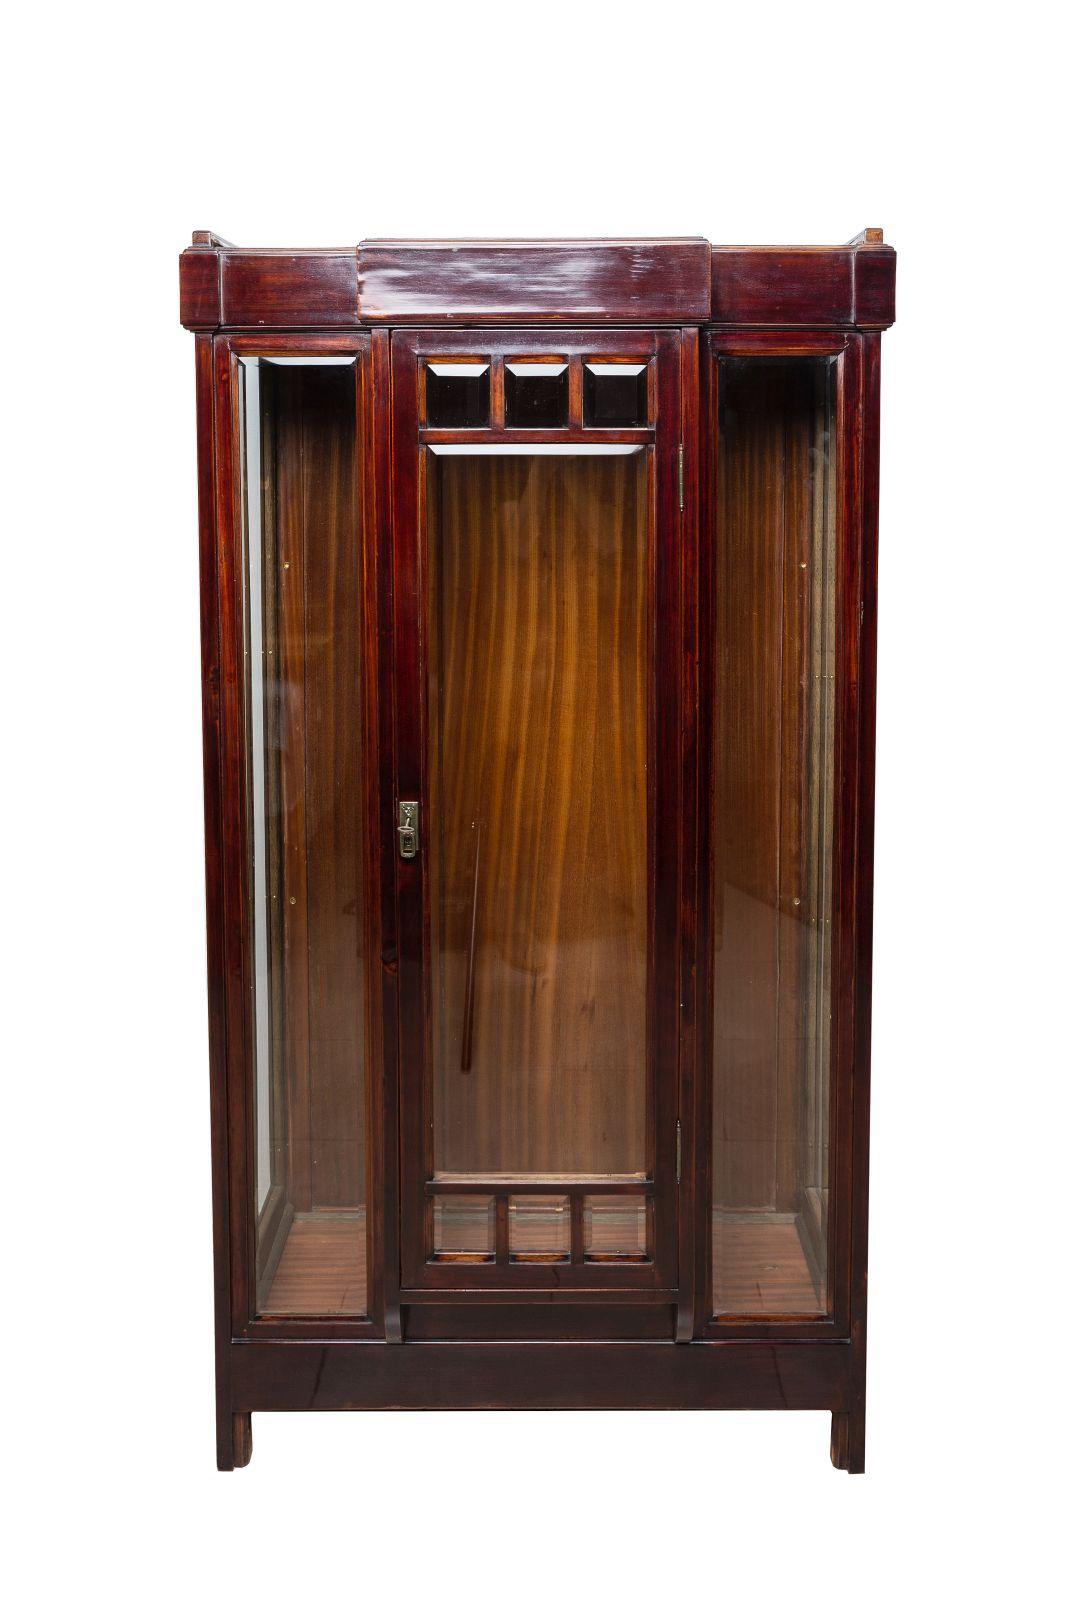 #107 Art Nouveau glass cabinet | Jugendstil Glasvitrine Image